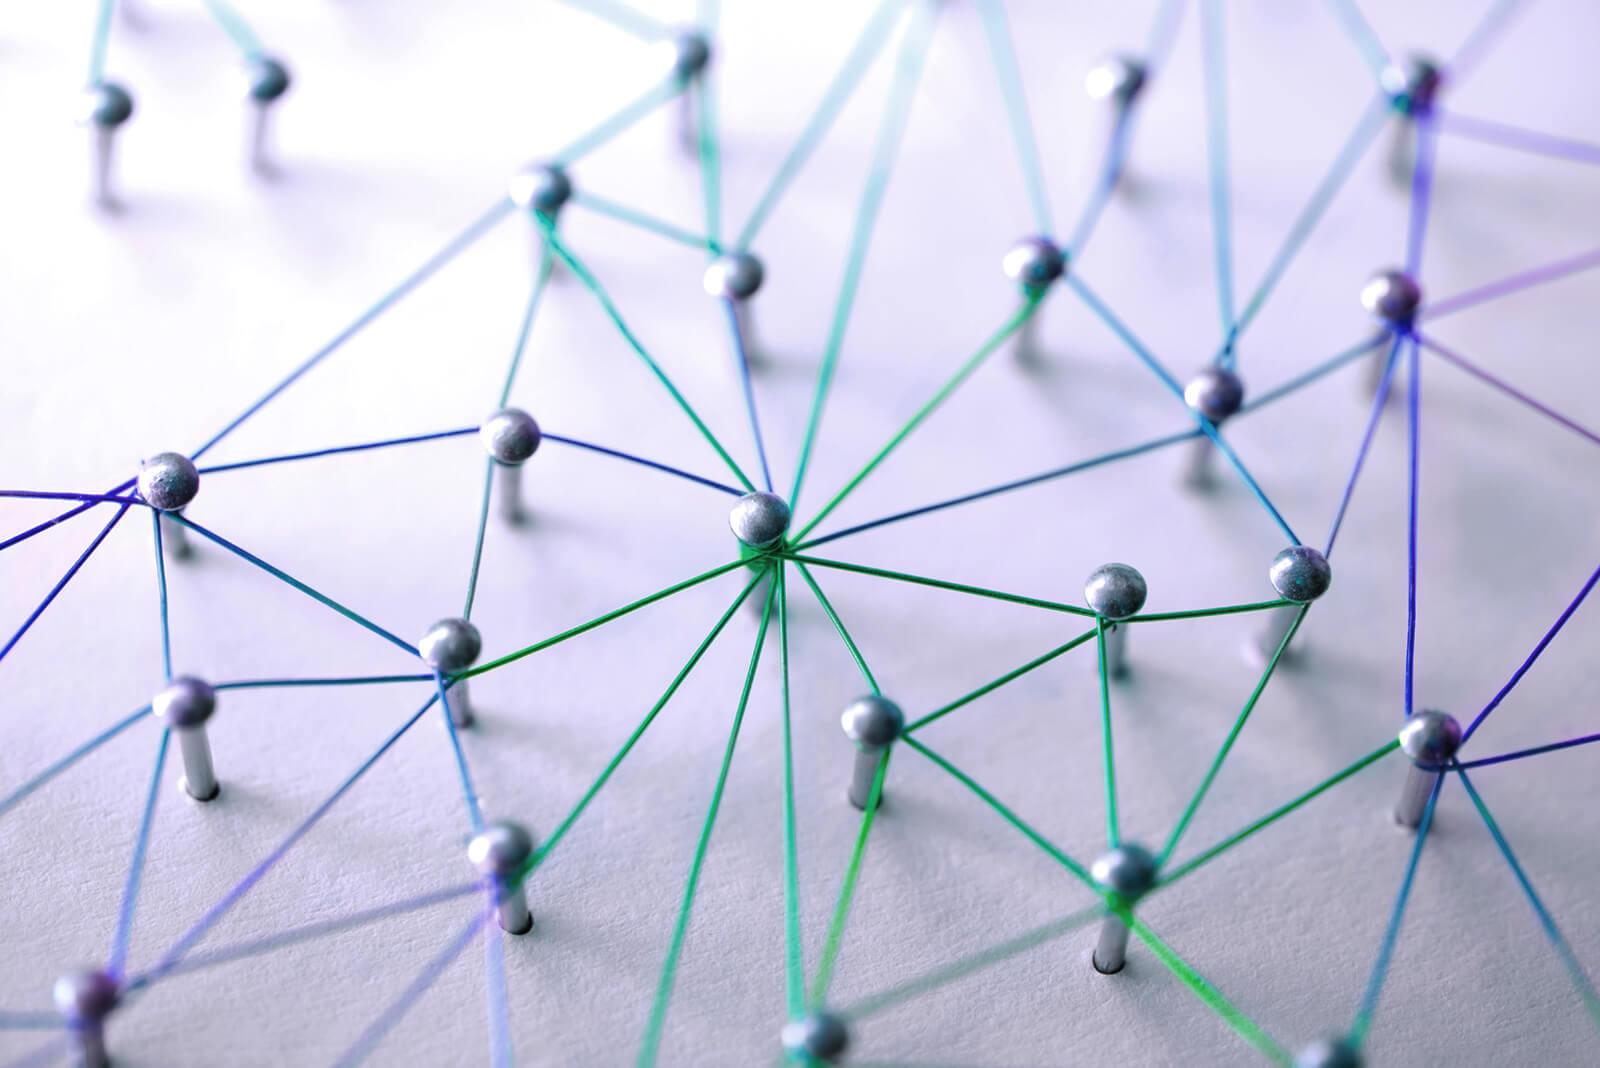 Innovación: Las grandes ideas necesitan un lugar en el que eclosionar y crecer (II)